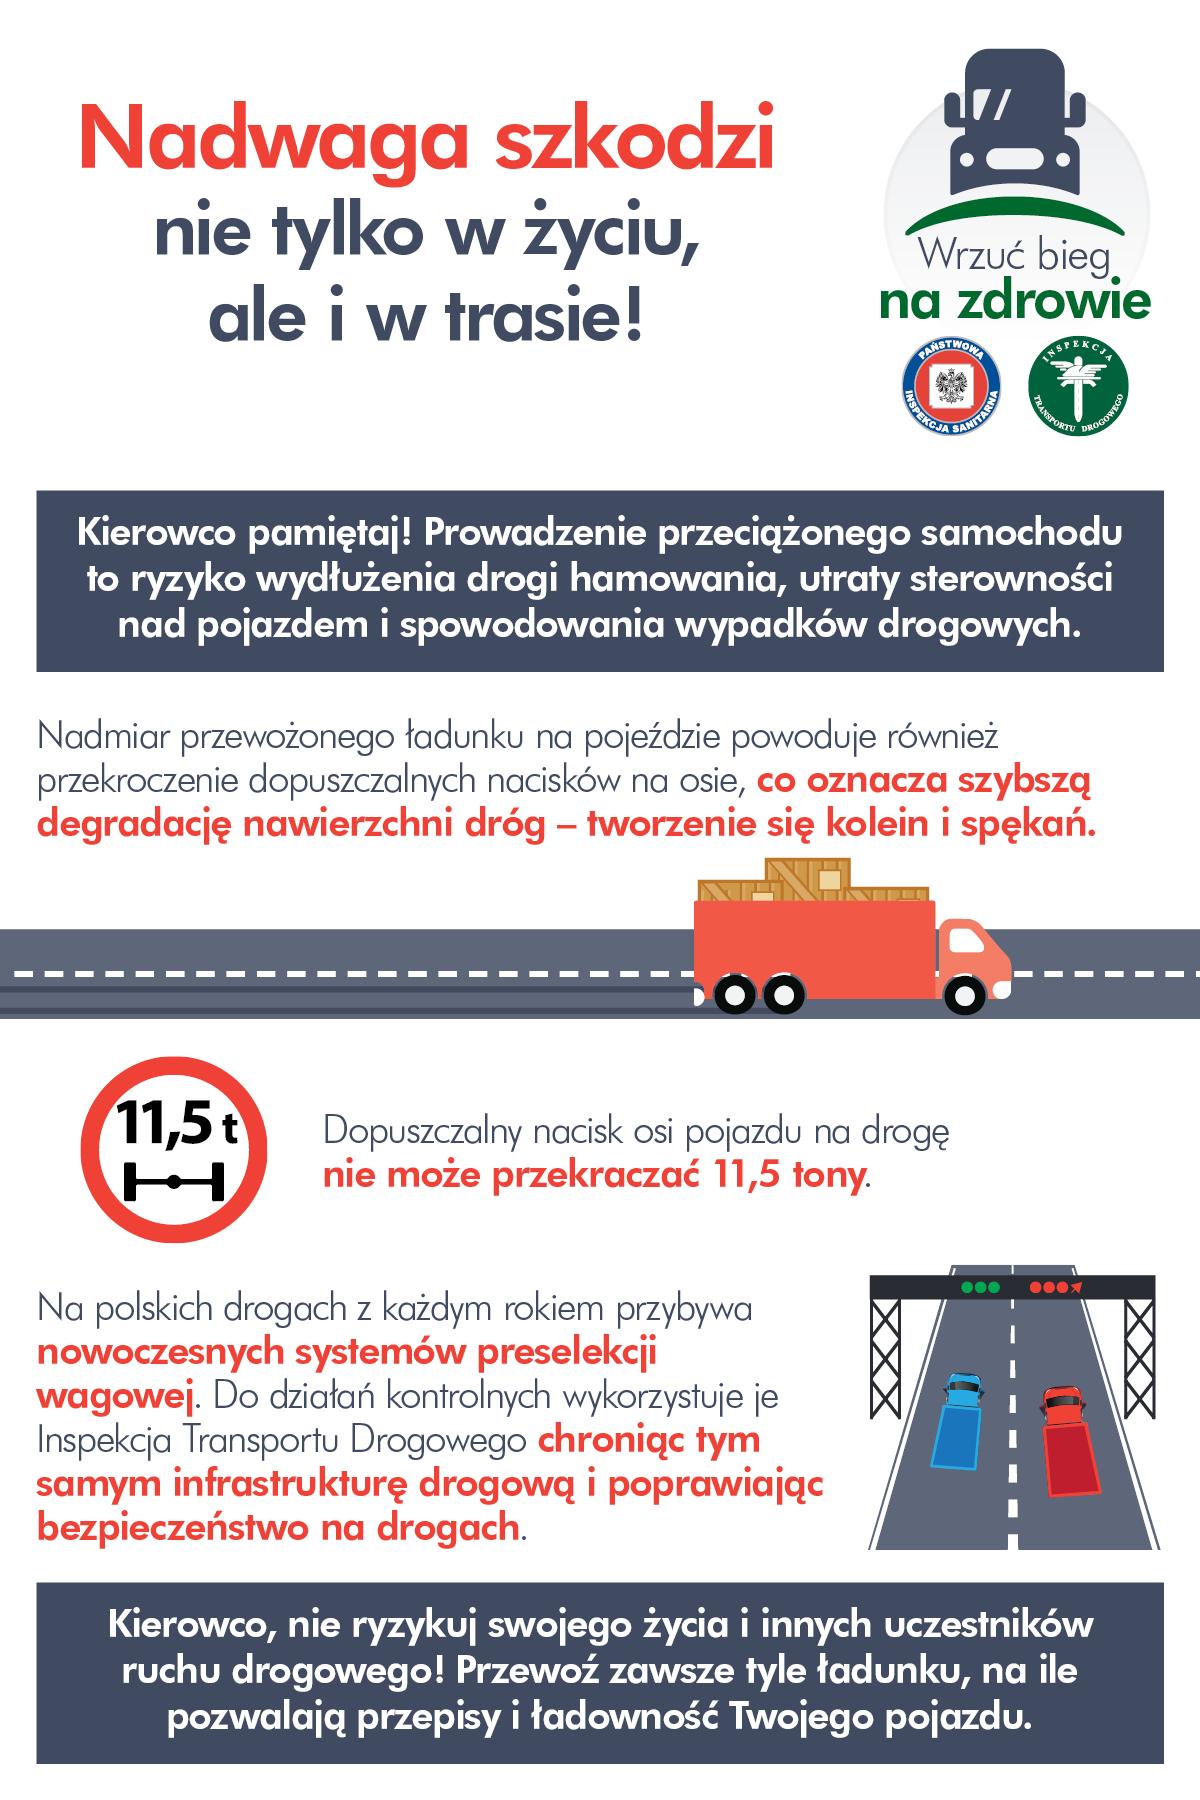 Nadwaga szkodzi kierowcom (fot. gis.gov.pl)